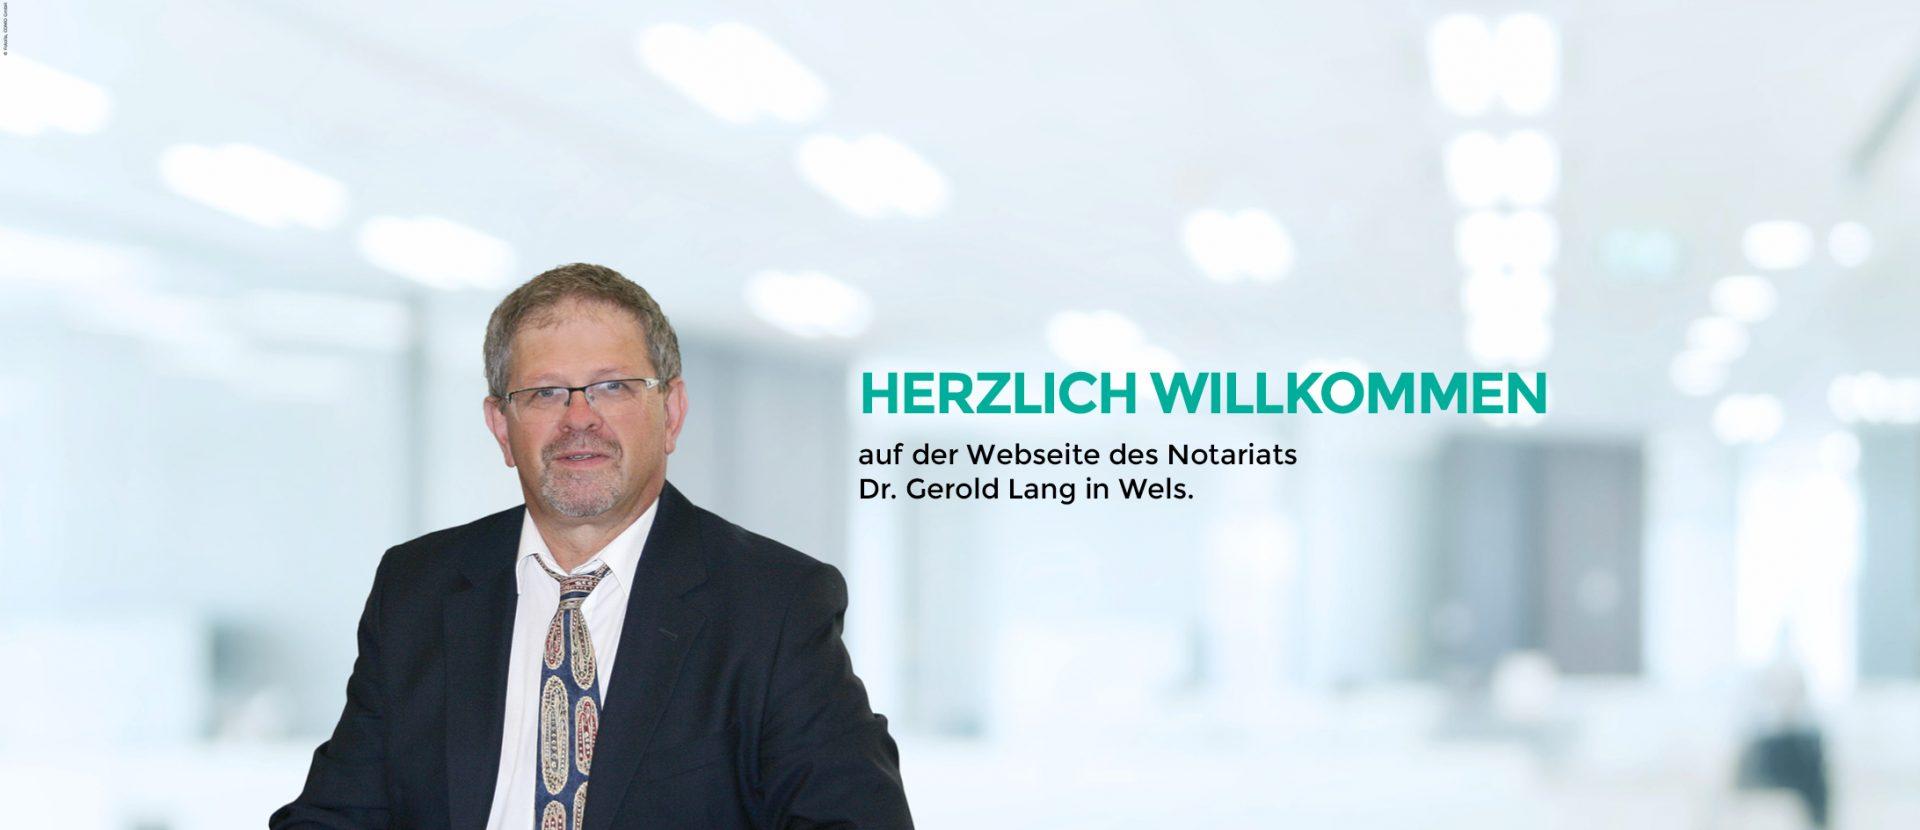 LANG_Foto_Web_Header_Herzlich_willkommen